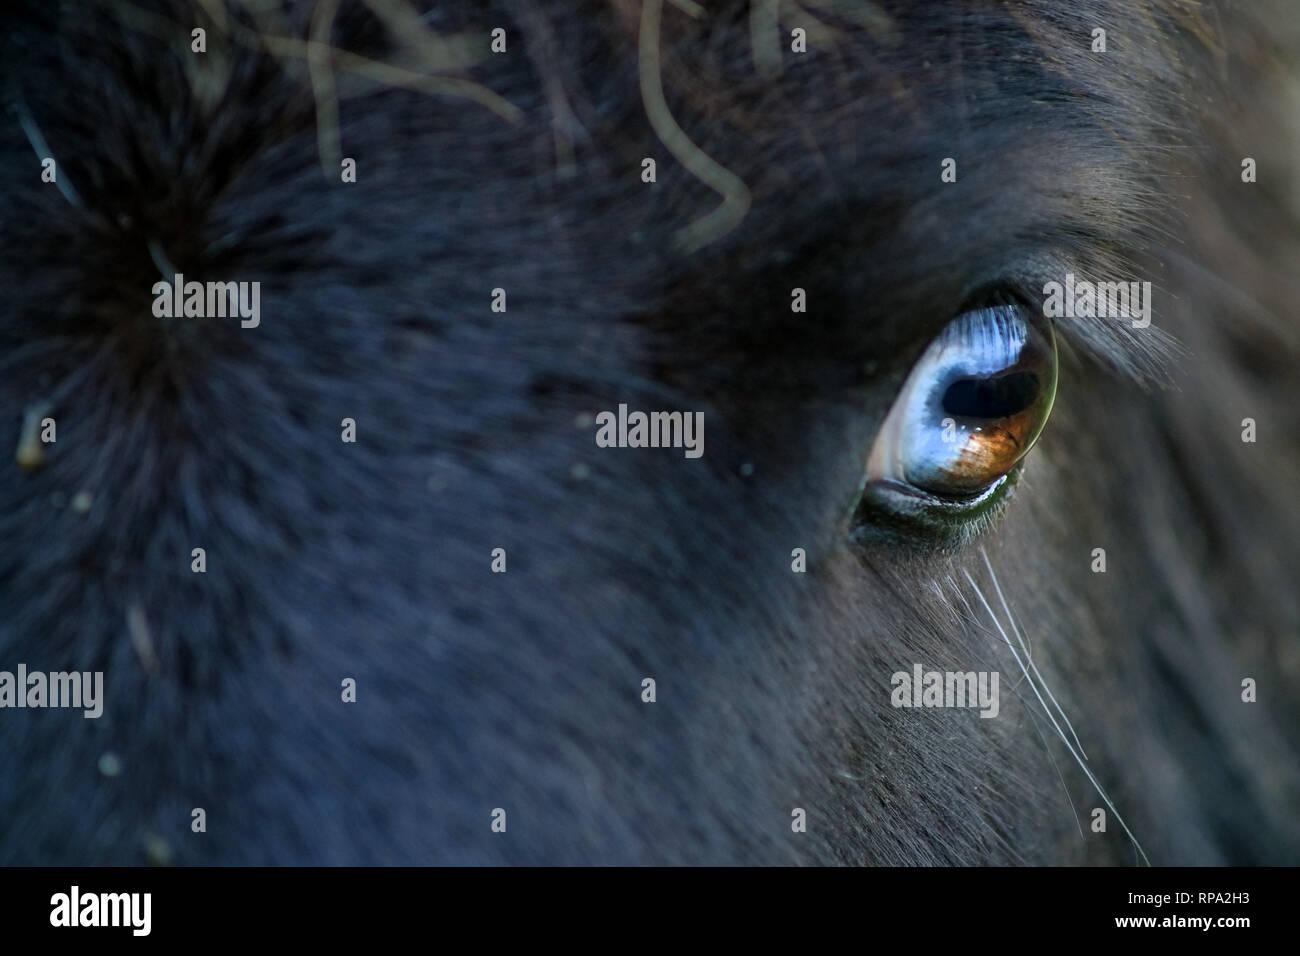 Close up of az Shetland pony eye showing rectangular pupil - Stock Image